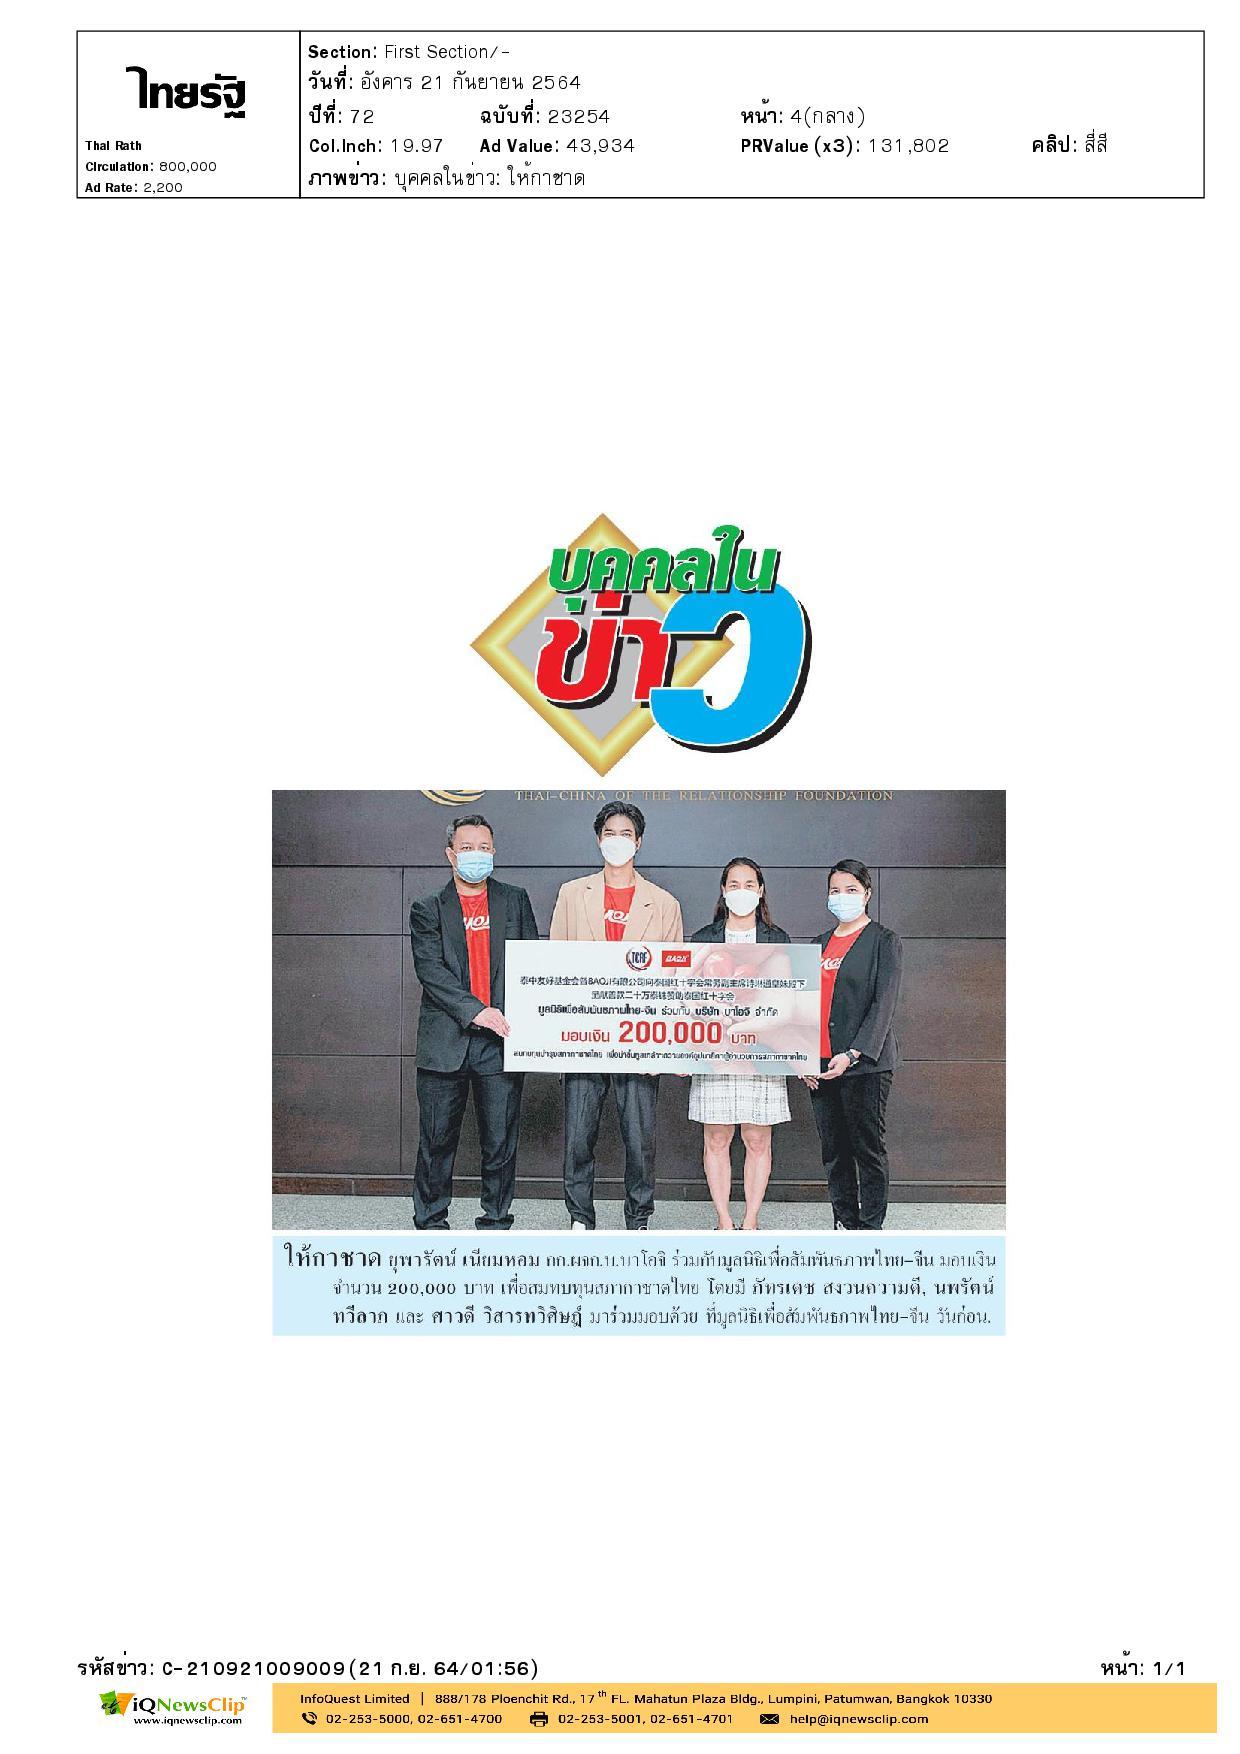 บจก. บาโอจิ ร่วมกับมูลนิธิเพื่อสัมพันธภาพไทย-จีน  มอบเงินเพื่อสมทบทุนให้แก่สภากาชาดไทย